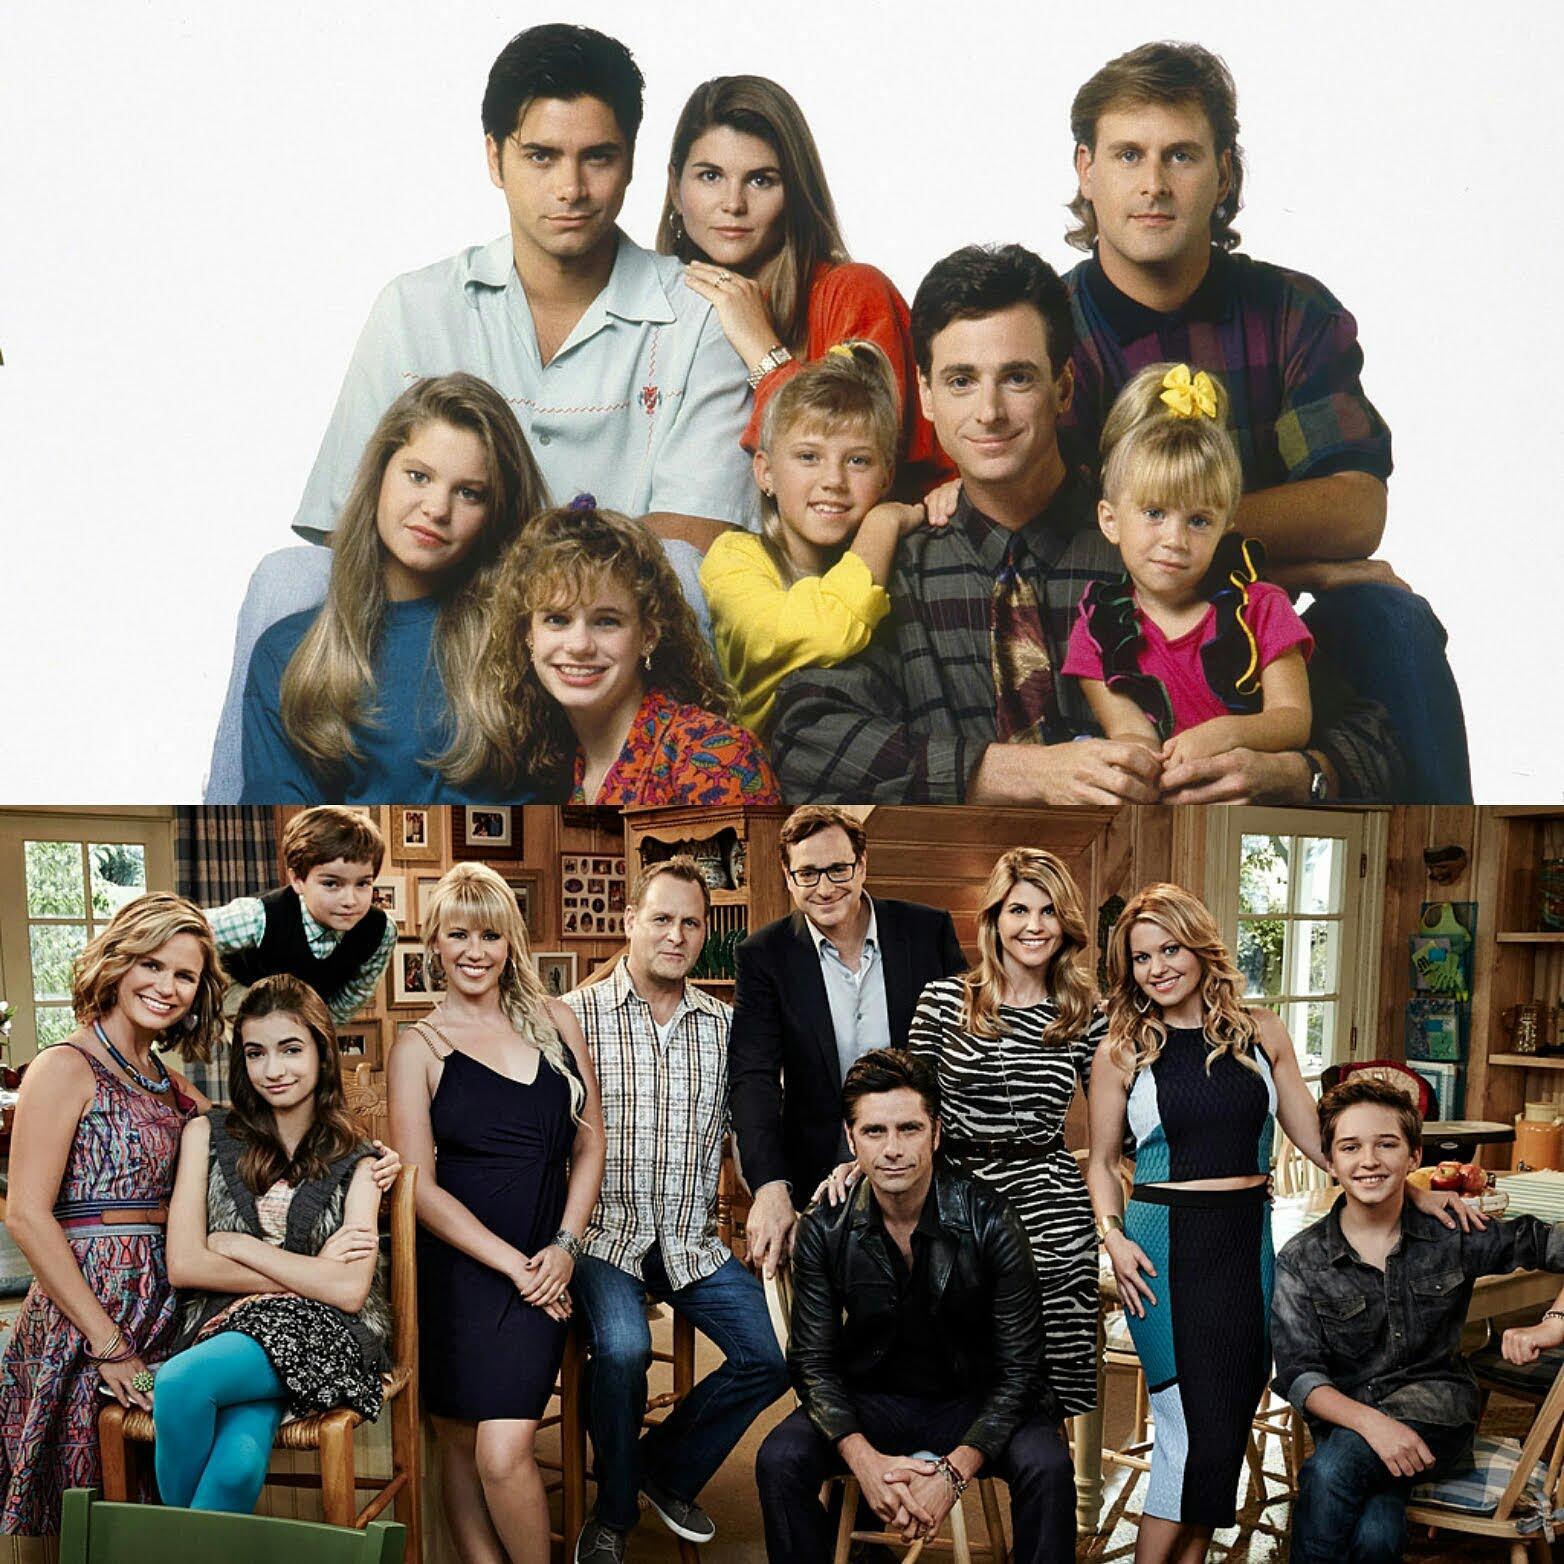 The cast of Full House vs. the case of Fuller House